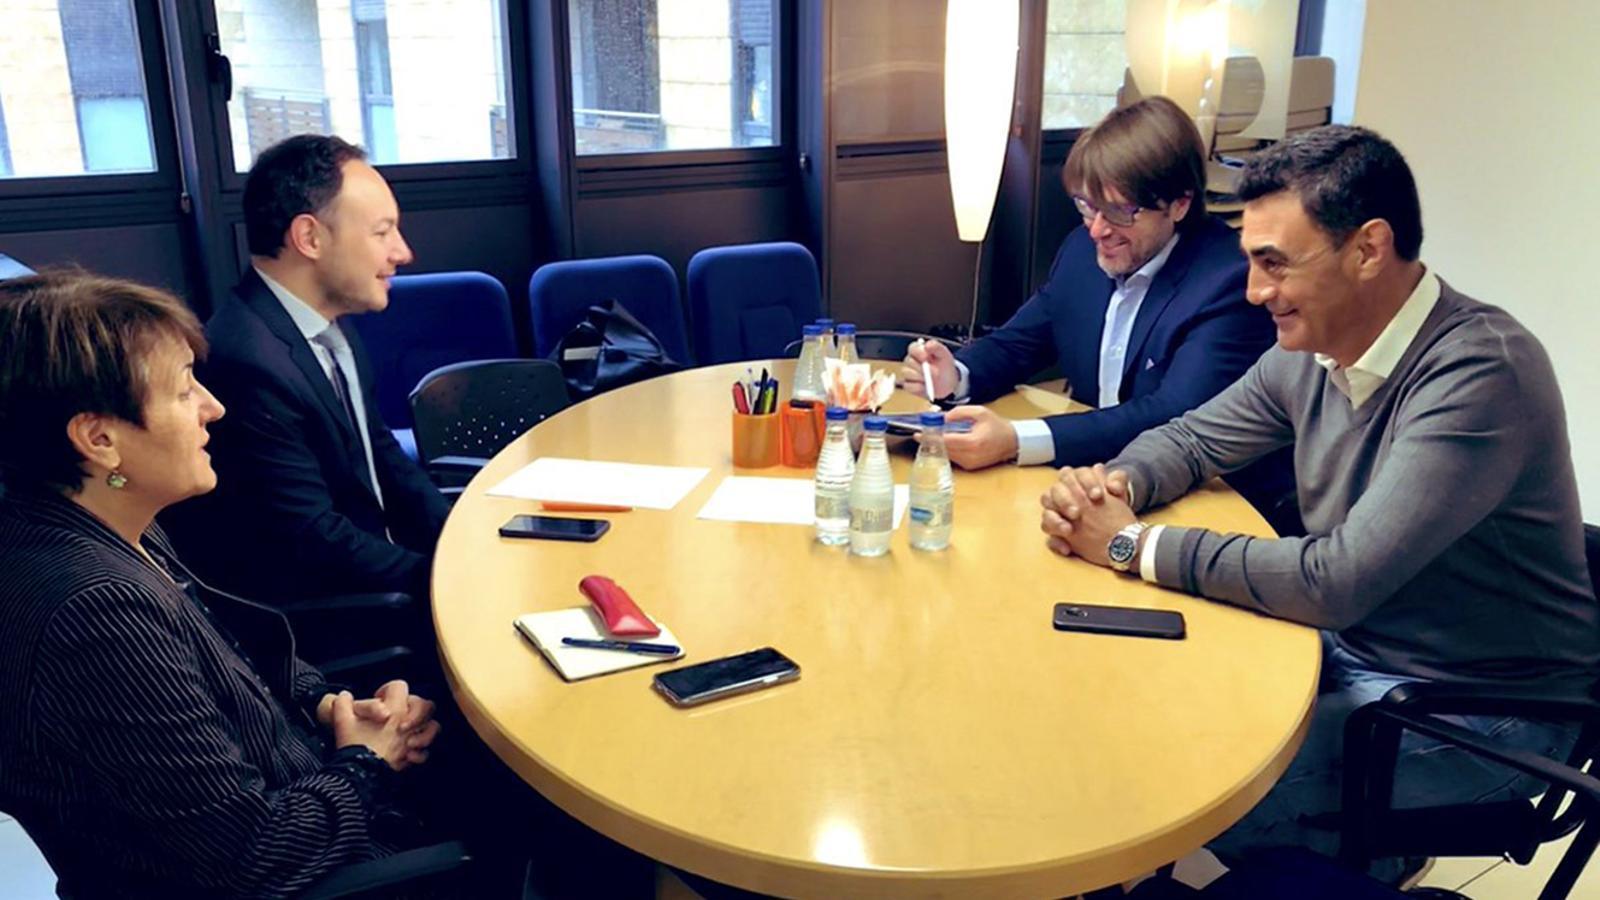 Roser Suñé i Xavier Espot (DA) i Carles Naudi i Raül Ferré (CC) durant la reunió d'aquest dijous. / DEMÒCRATES